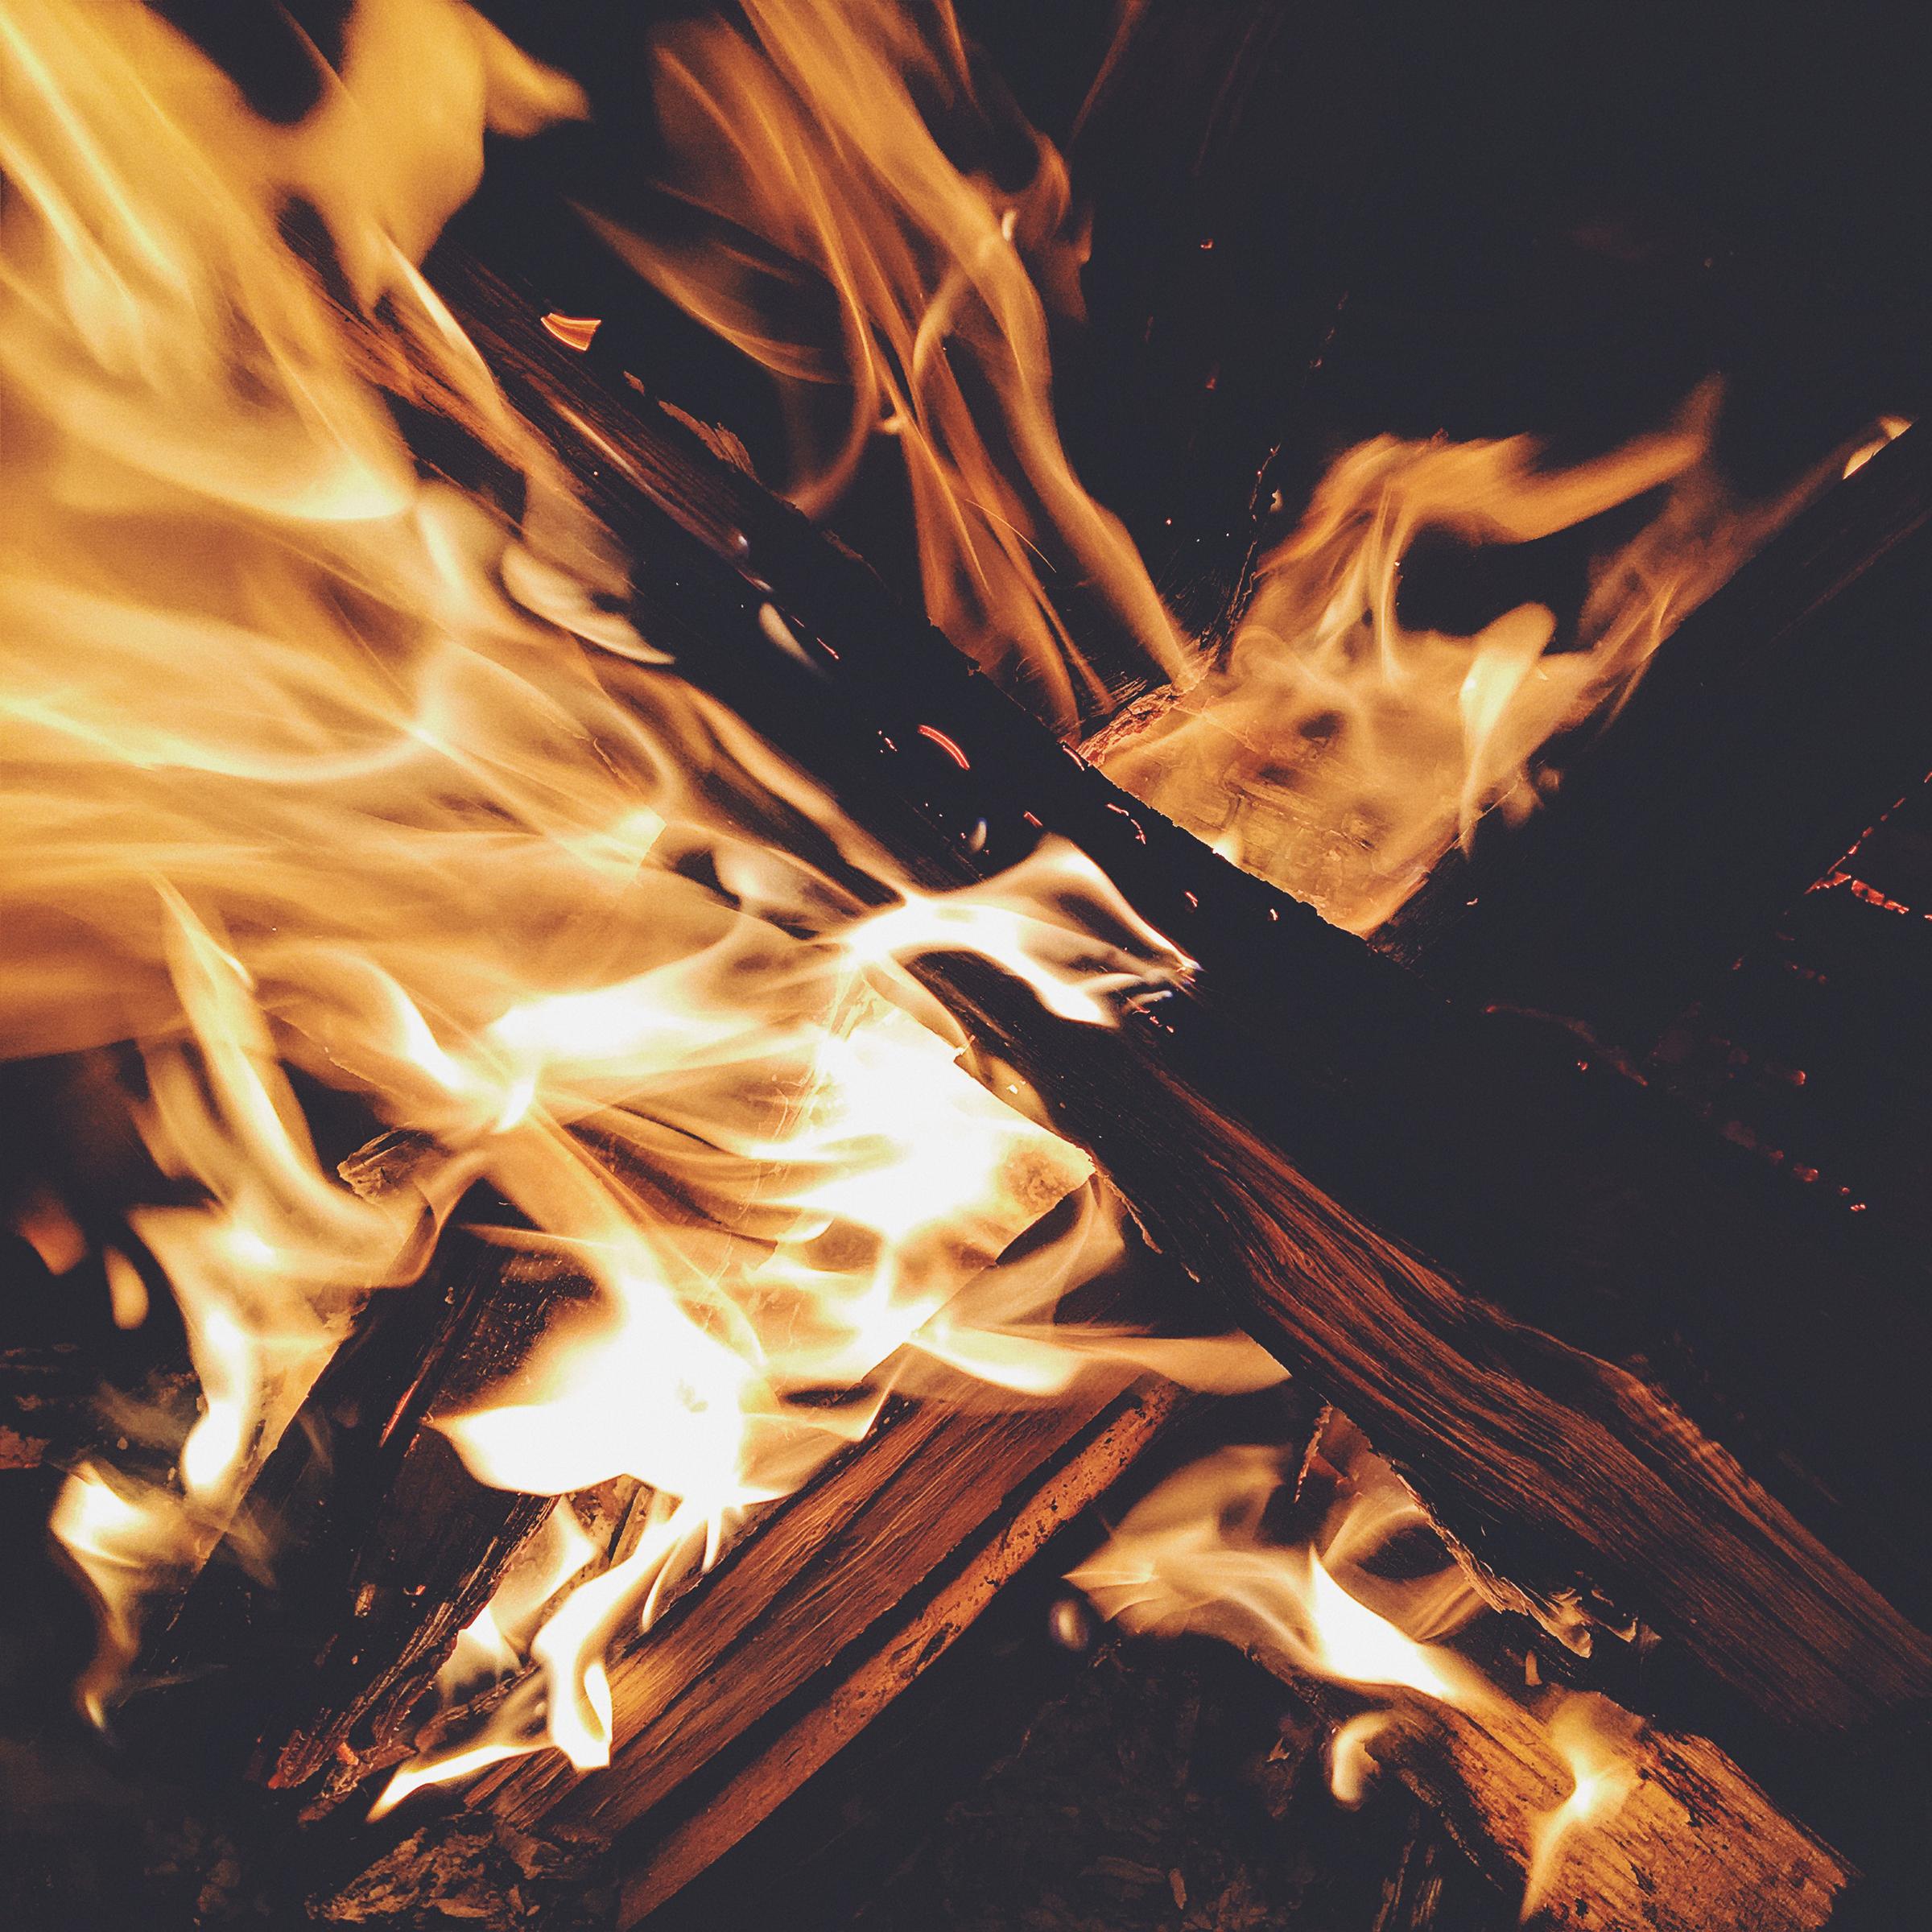 x-fire-IMG_0416-2400.jpg